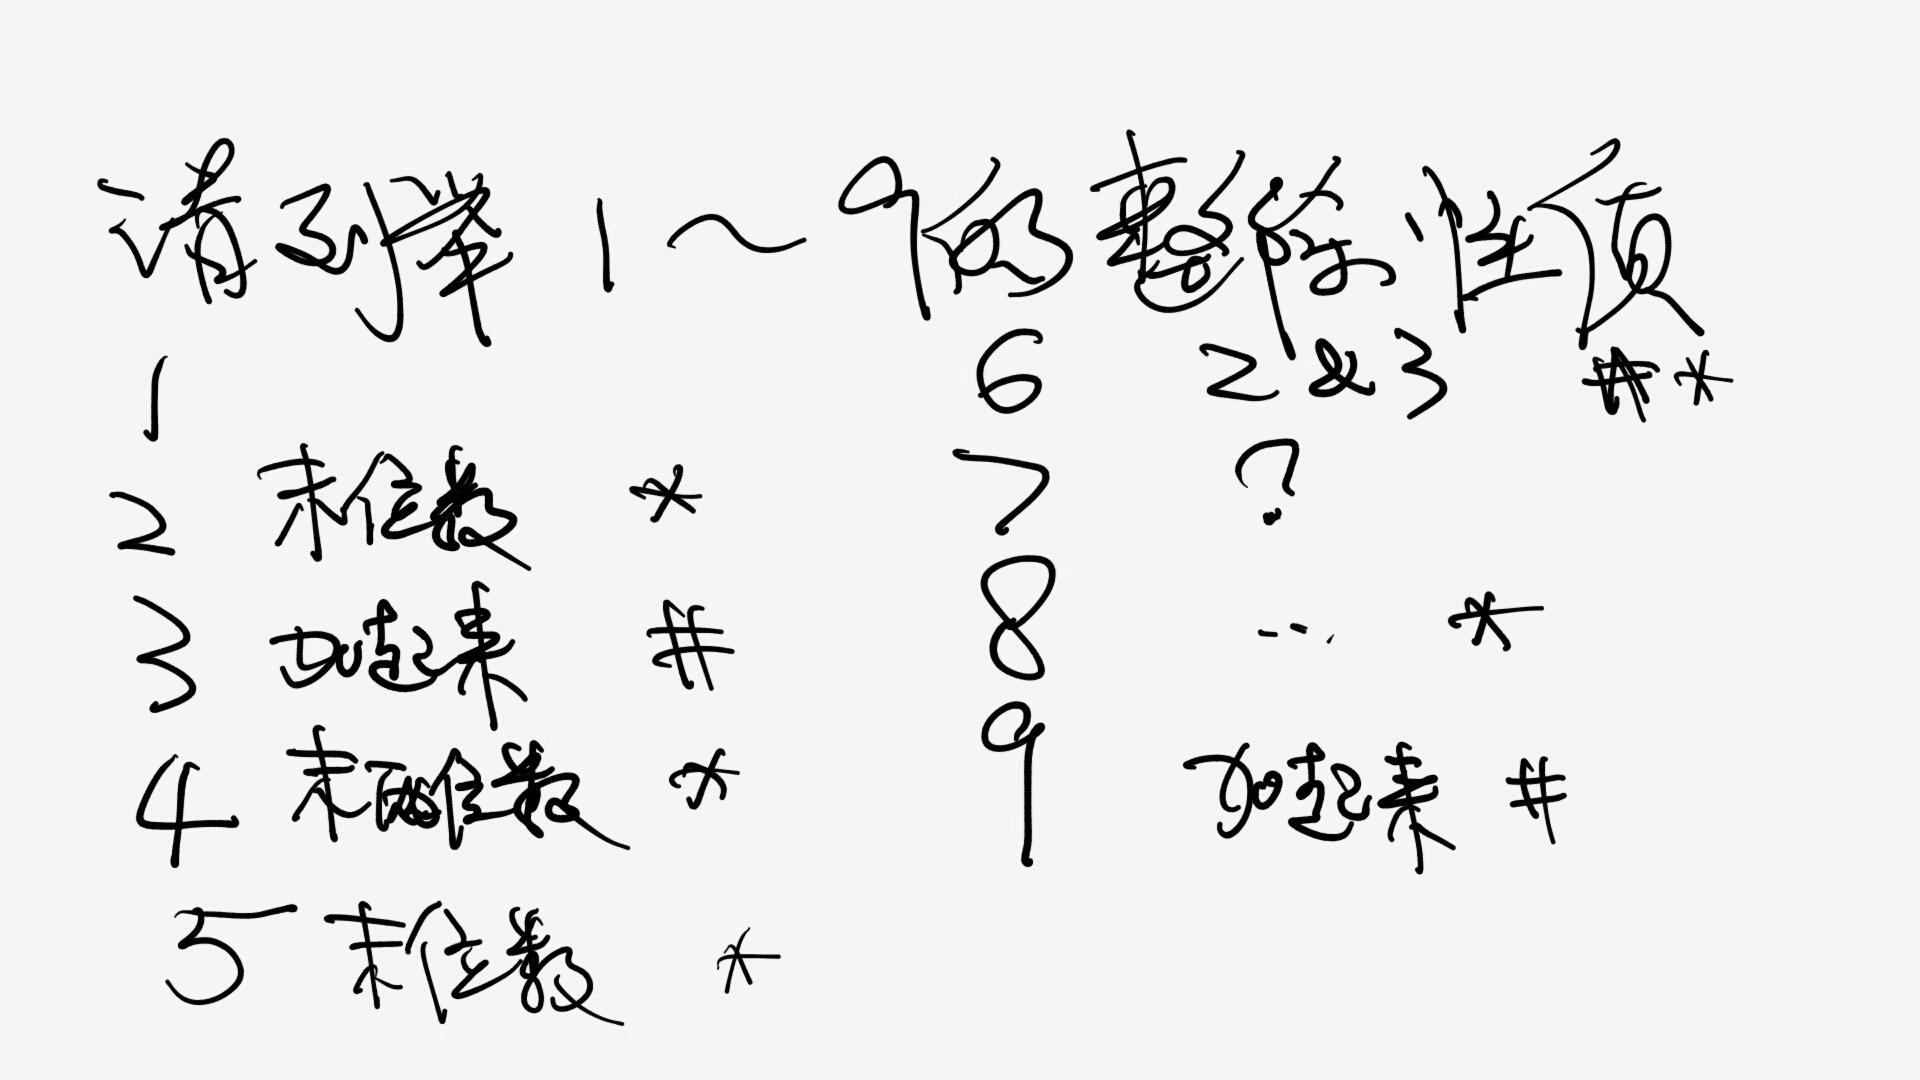 数的奥秘 1_02.jpg